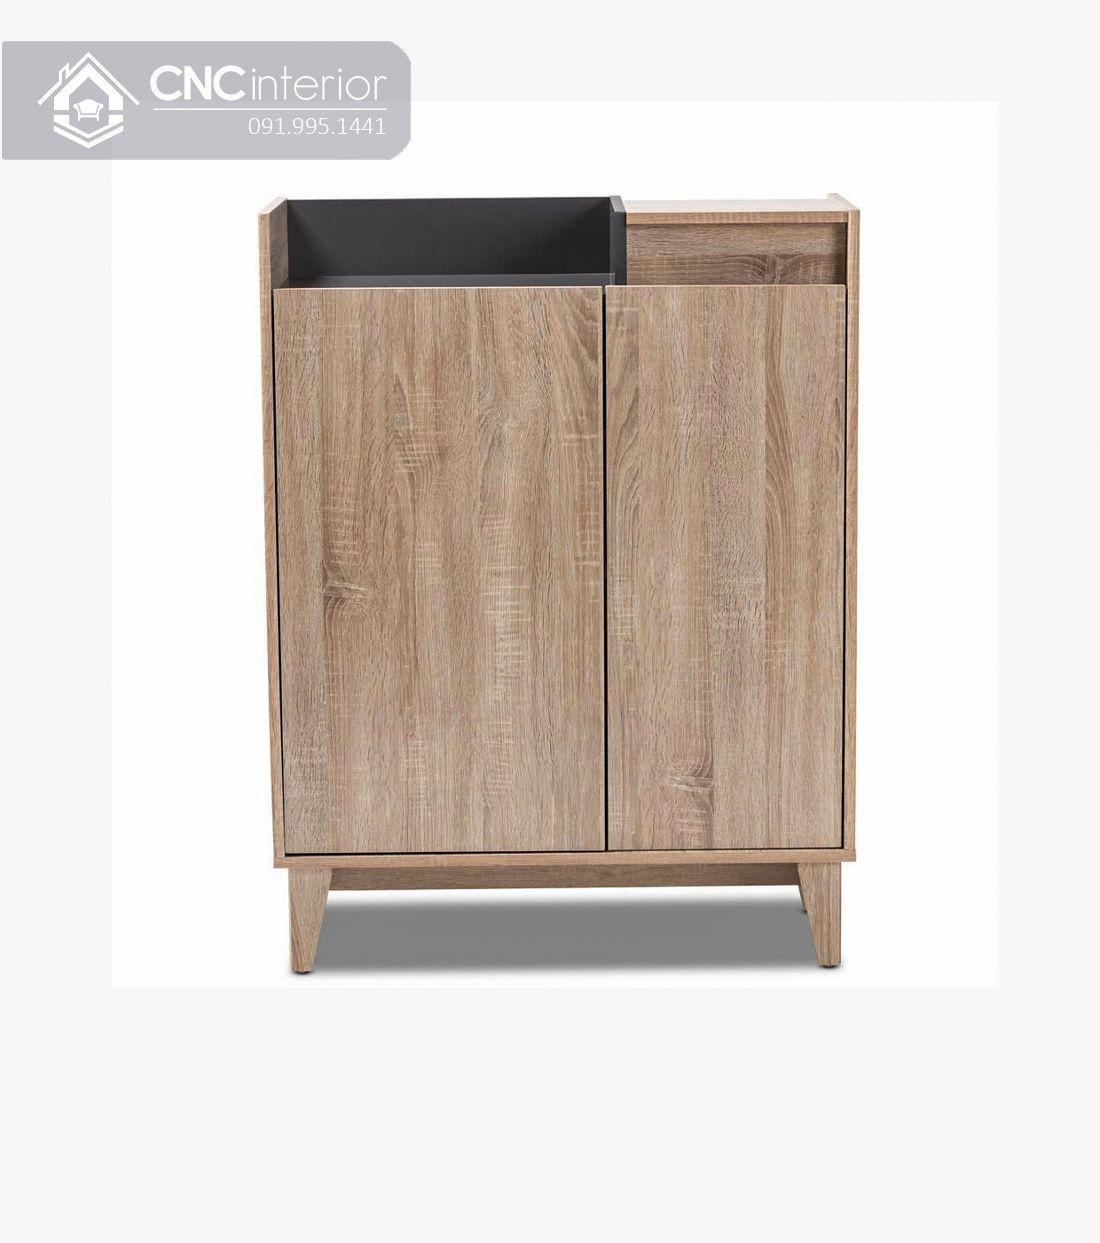 Tủ giày gỗ công nghiệp MFC hiện đại CNC 01 1